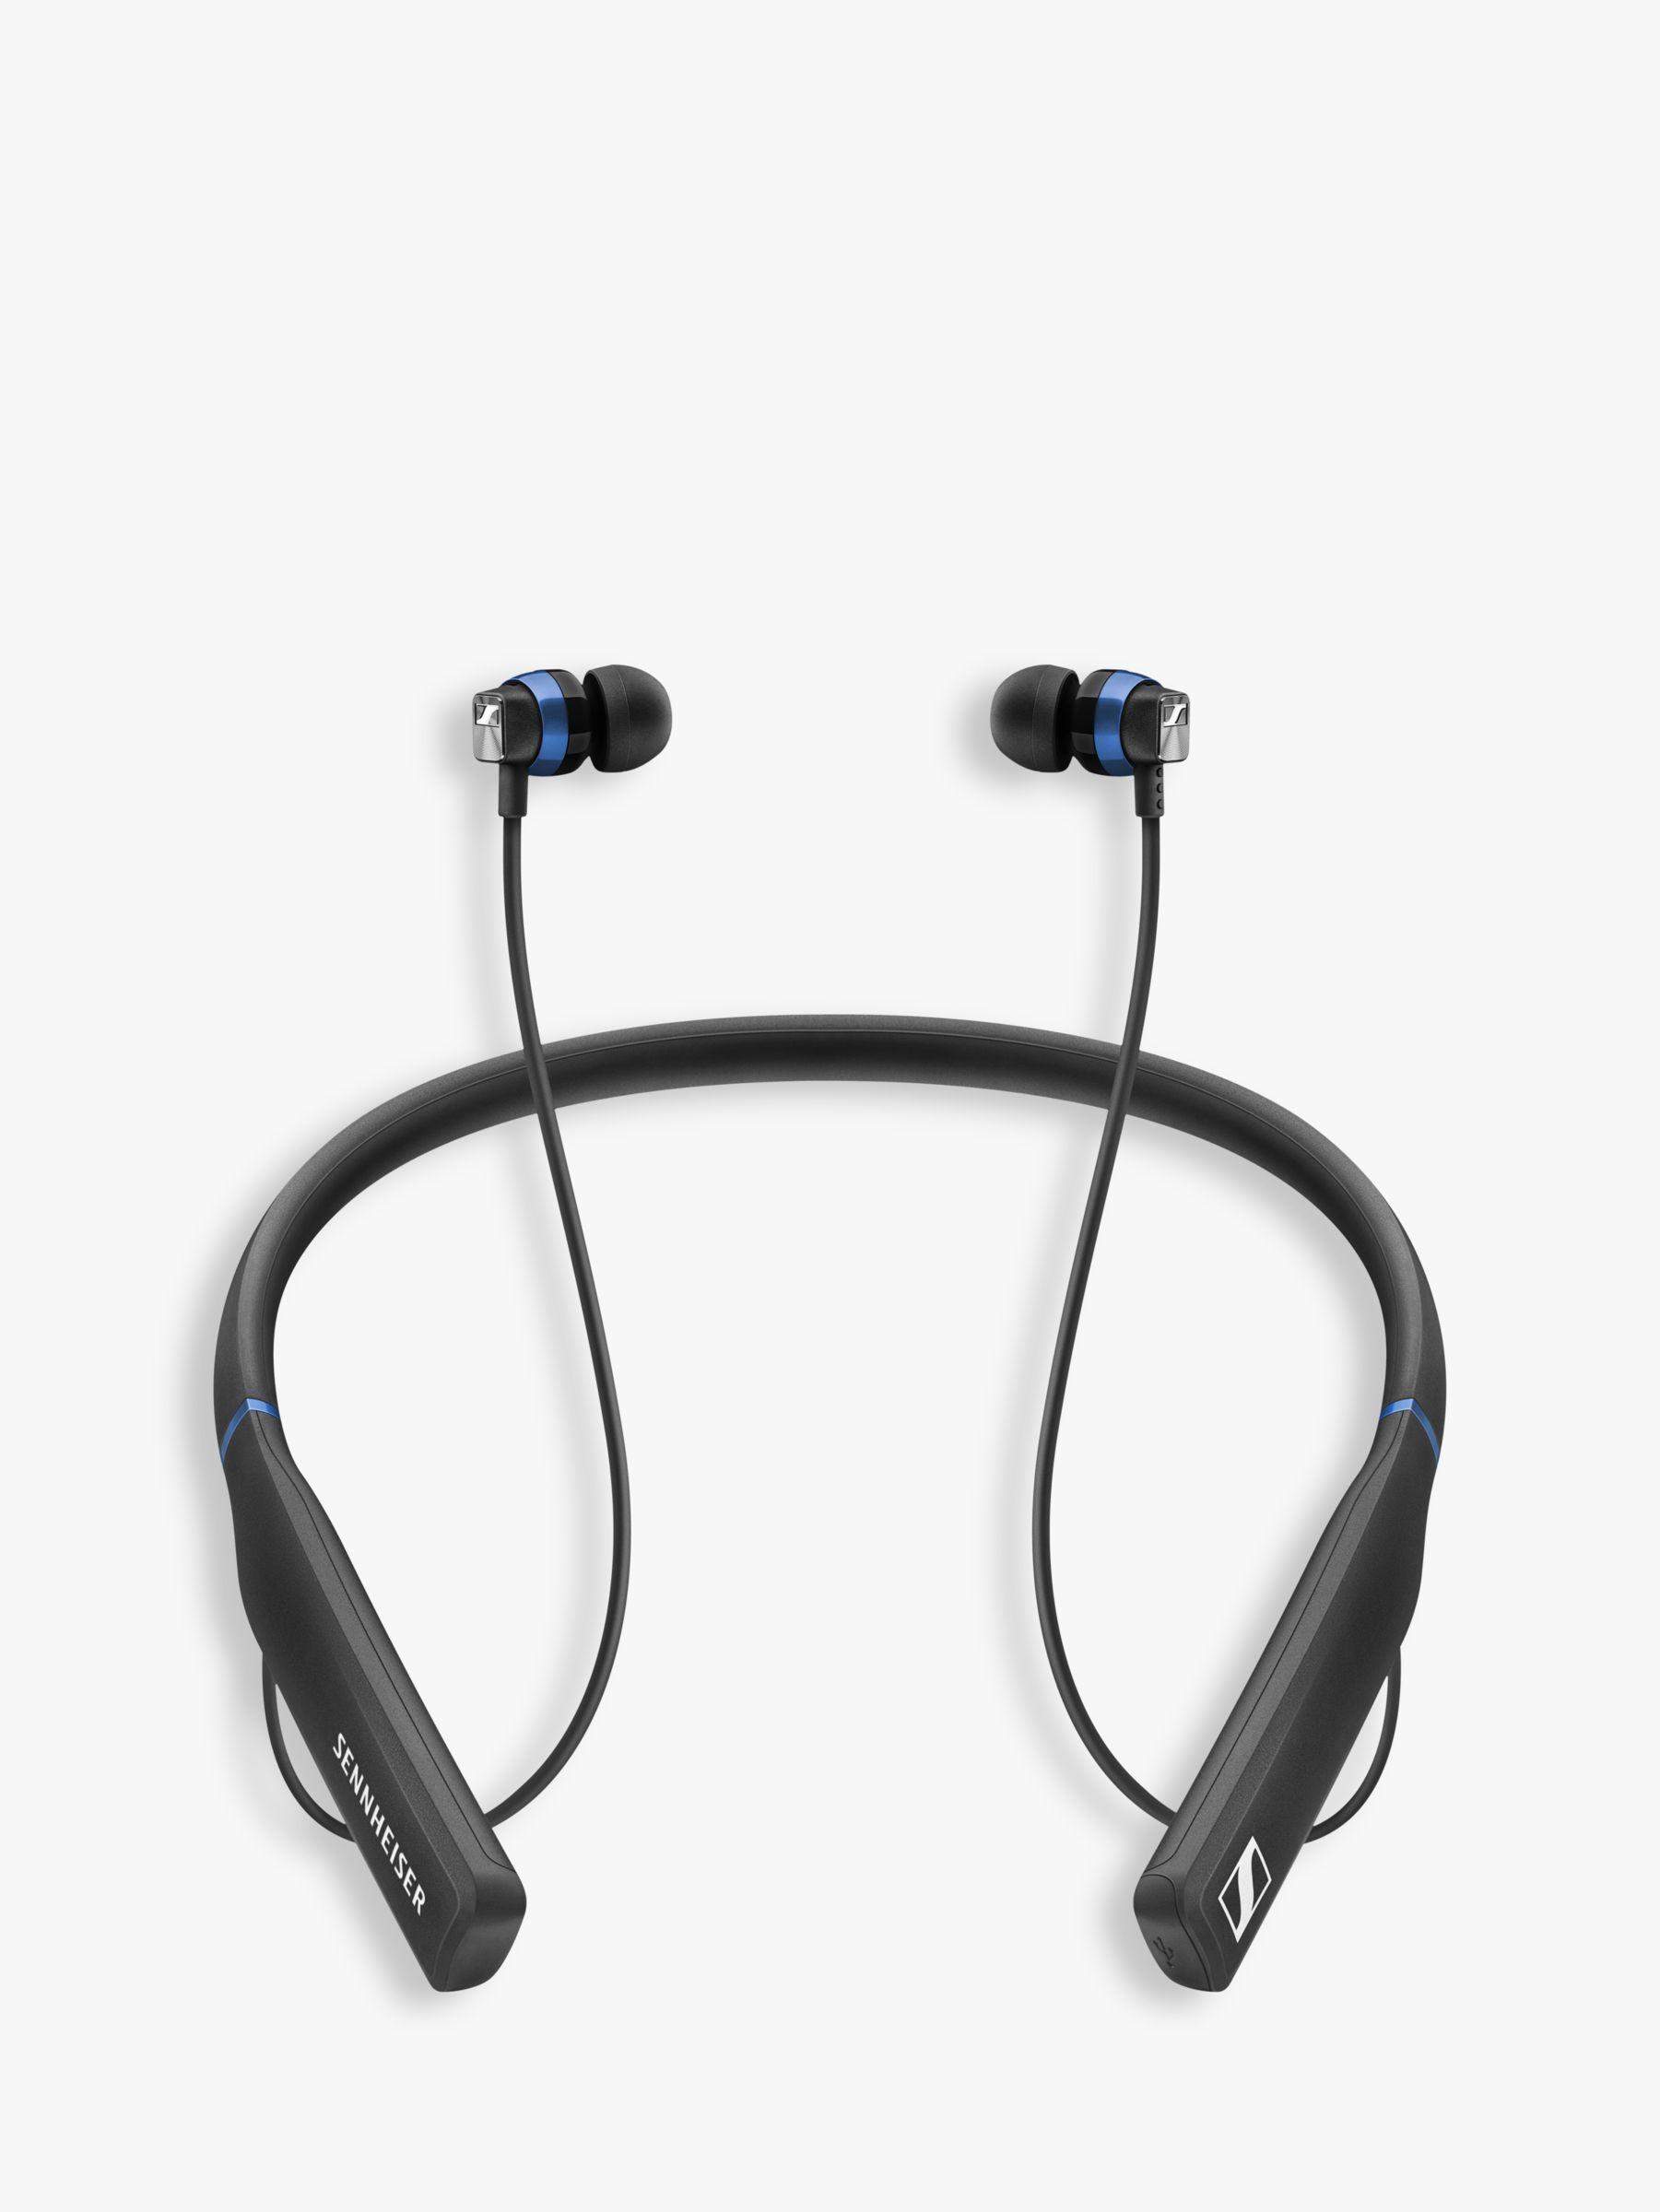 Baby Grow Novelty Body Suit Baby Headphones Earphones Around the Neck DJ